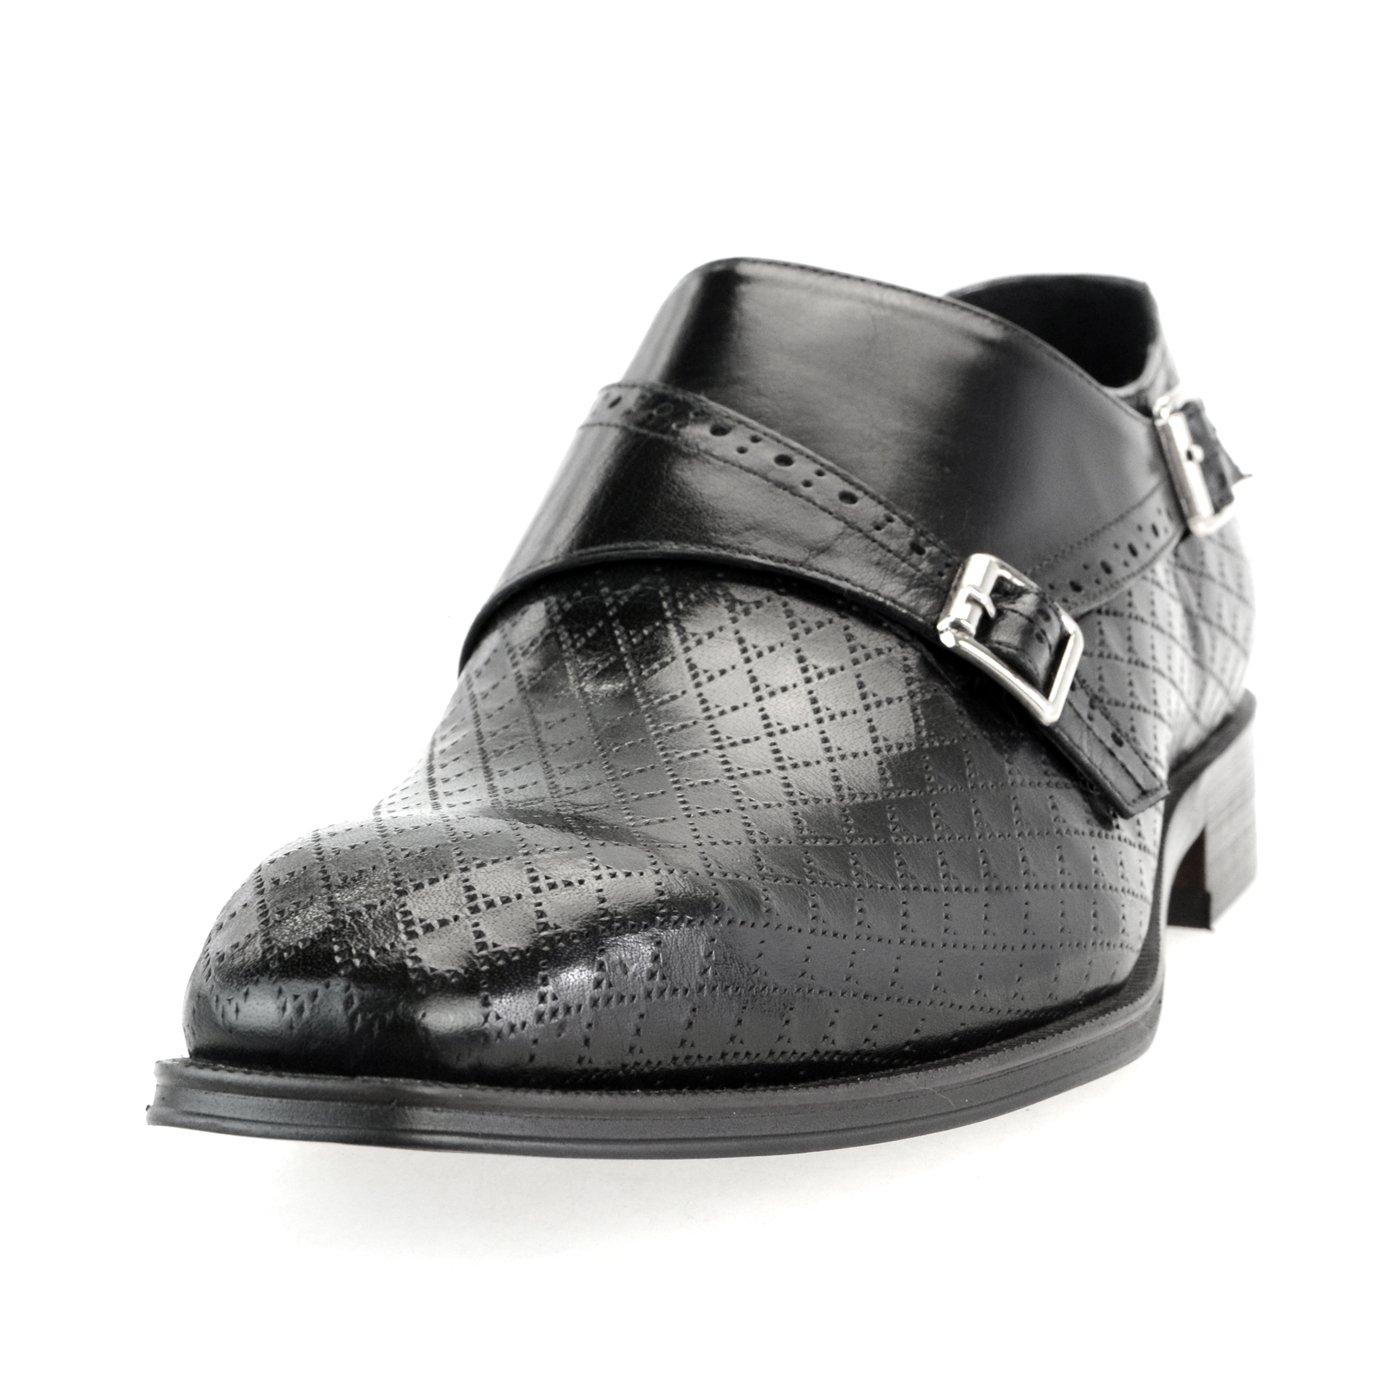 [ルシウス] LUCIUS 本革 20種類から選ぶ レザー メンズ ダブル モンクストラップ メダリオン ストレートチップ 革靴 紳士靴 B076DXT71P 25.5 cm 3E|HA17528-2 ブラック HA17528-2 ブラック 25.5 cm 3E